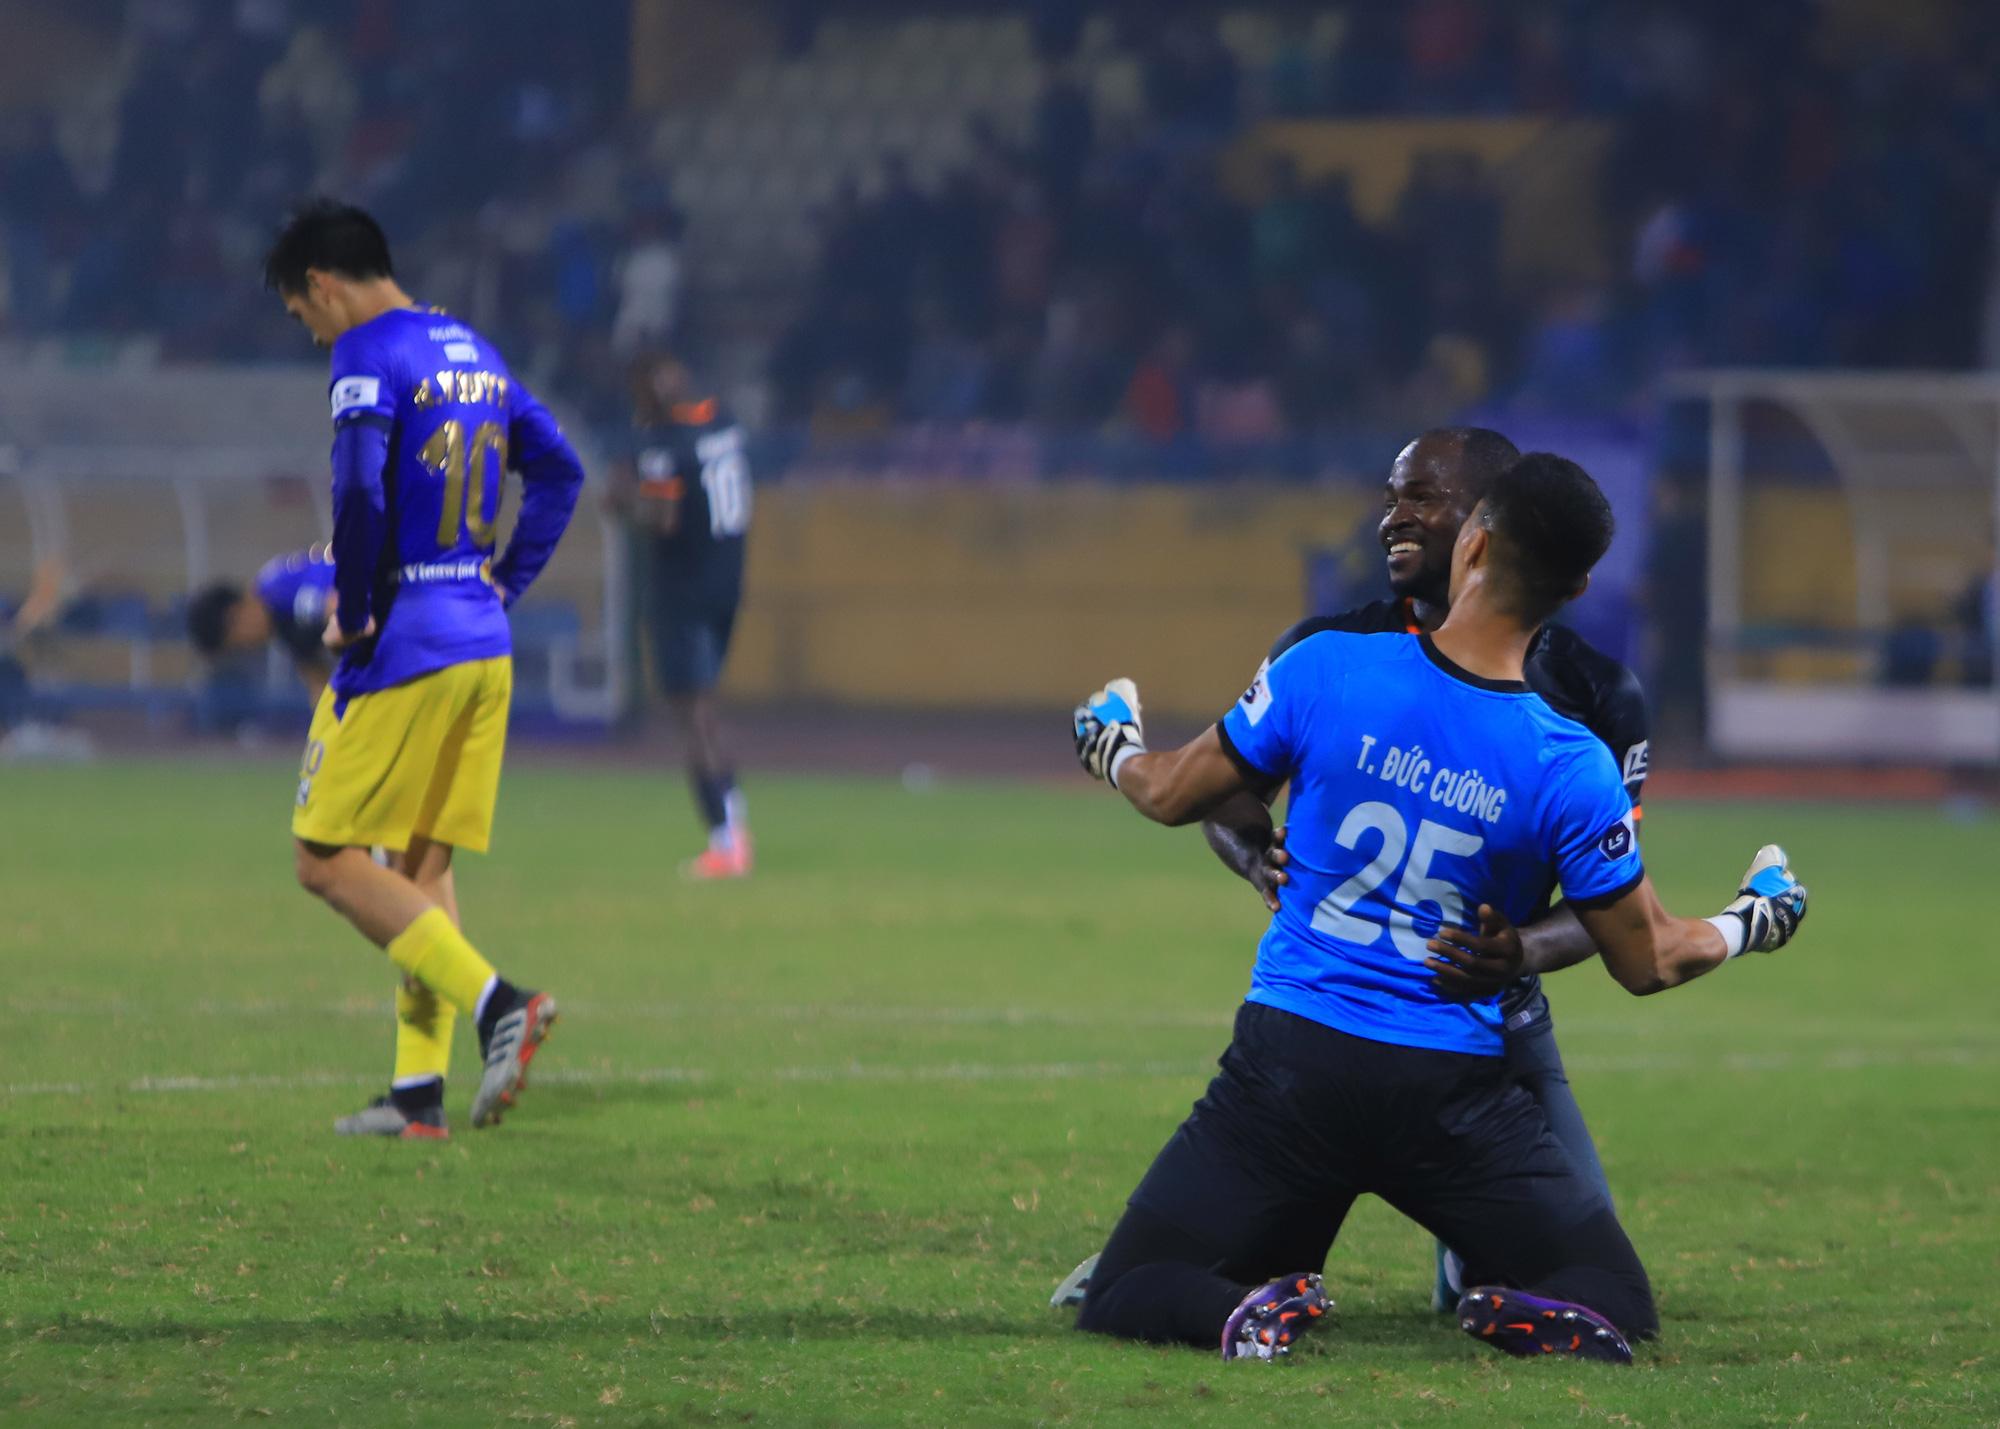 """Hà Nội FC thua liền 2 trận, HLV Chu Đình Nghiêm """"bay ghế""""? - Ảnh 2."""